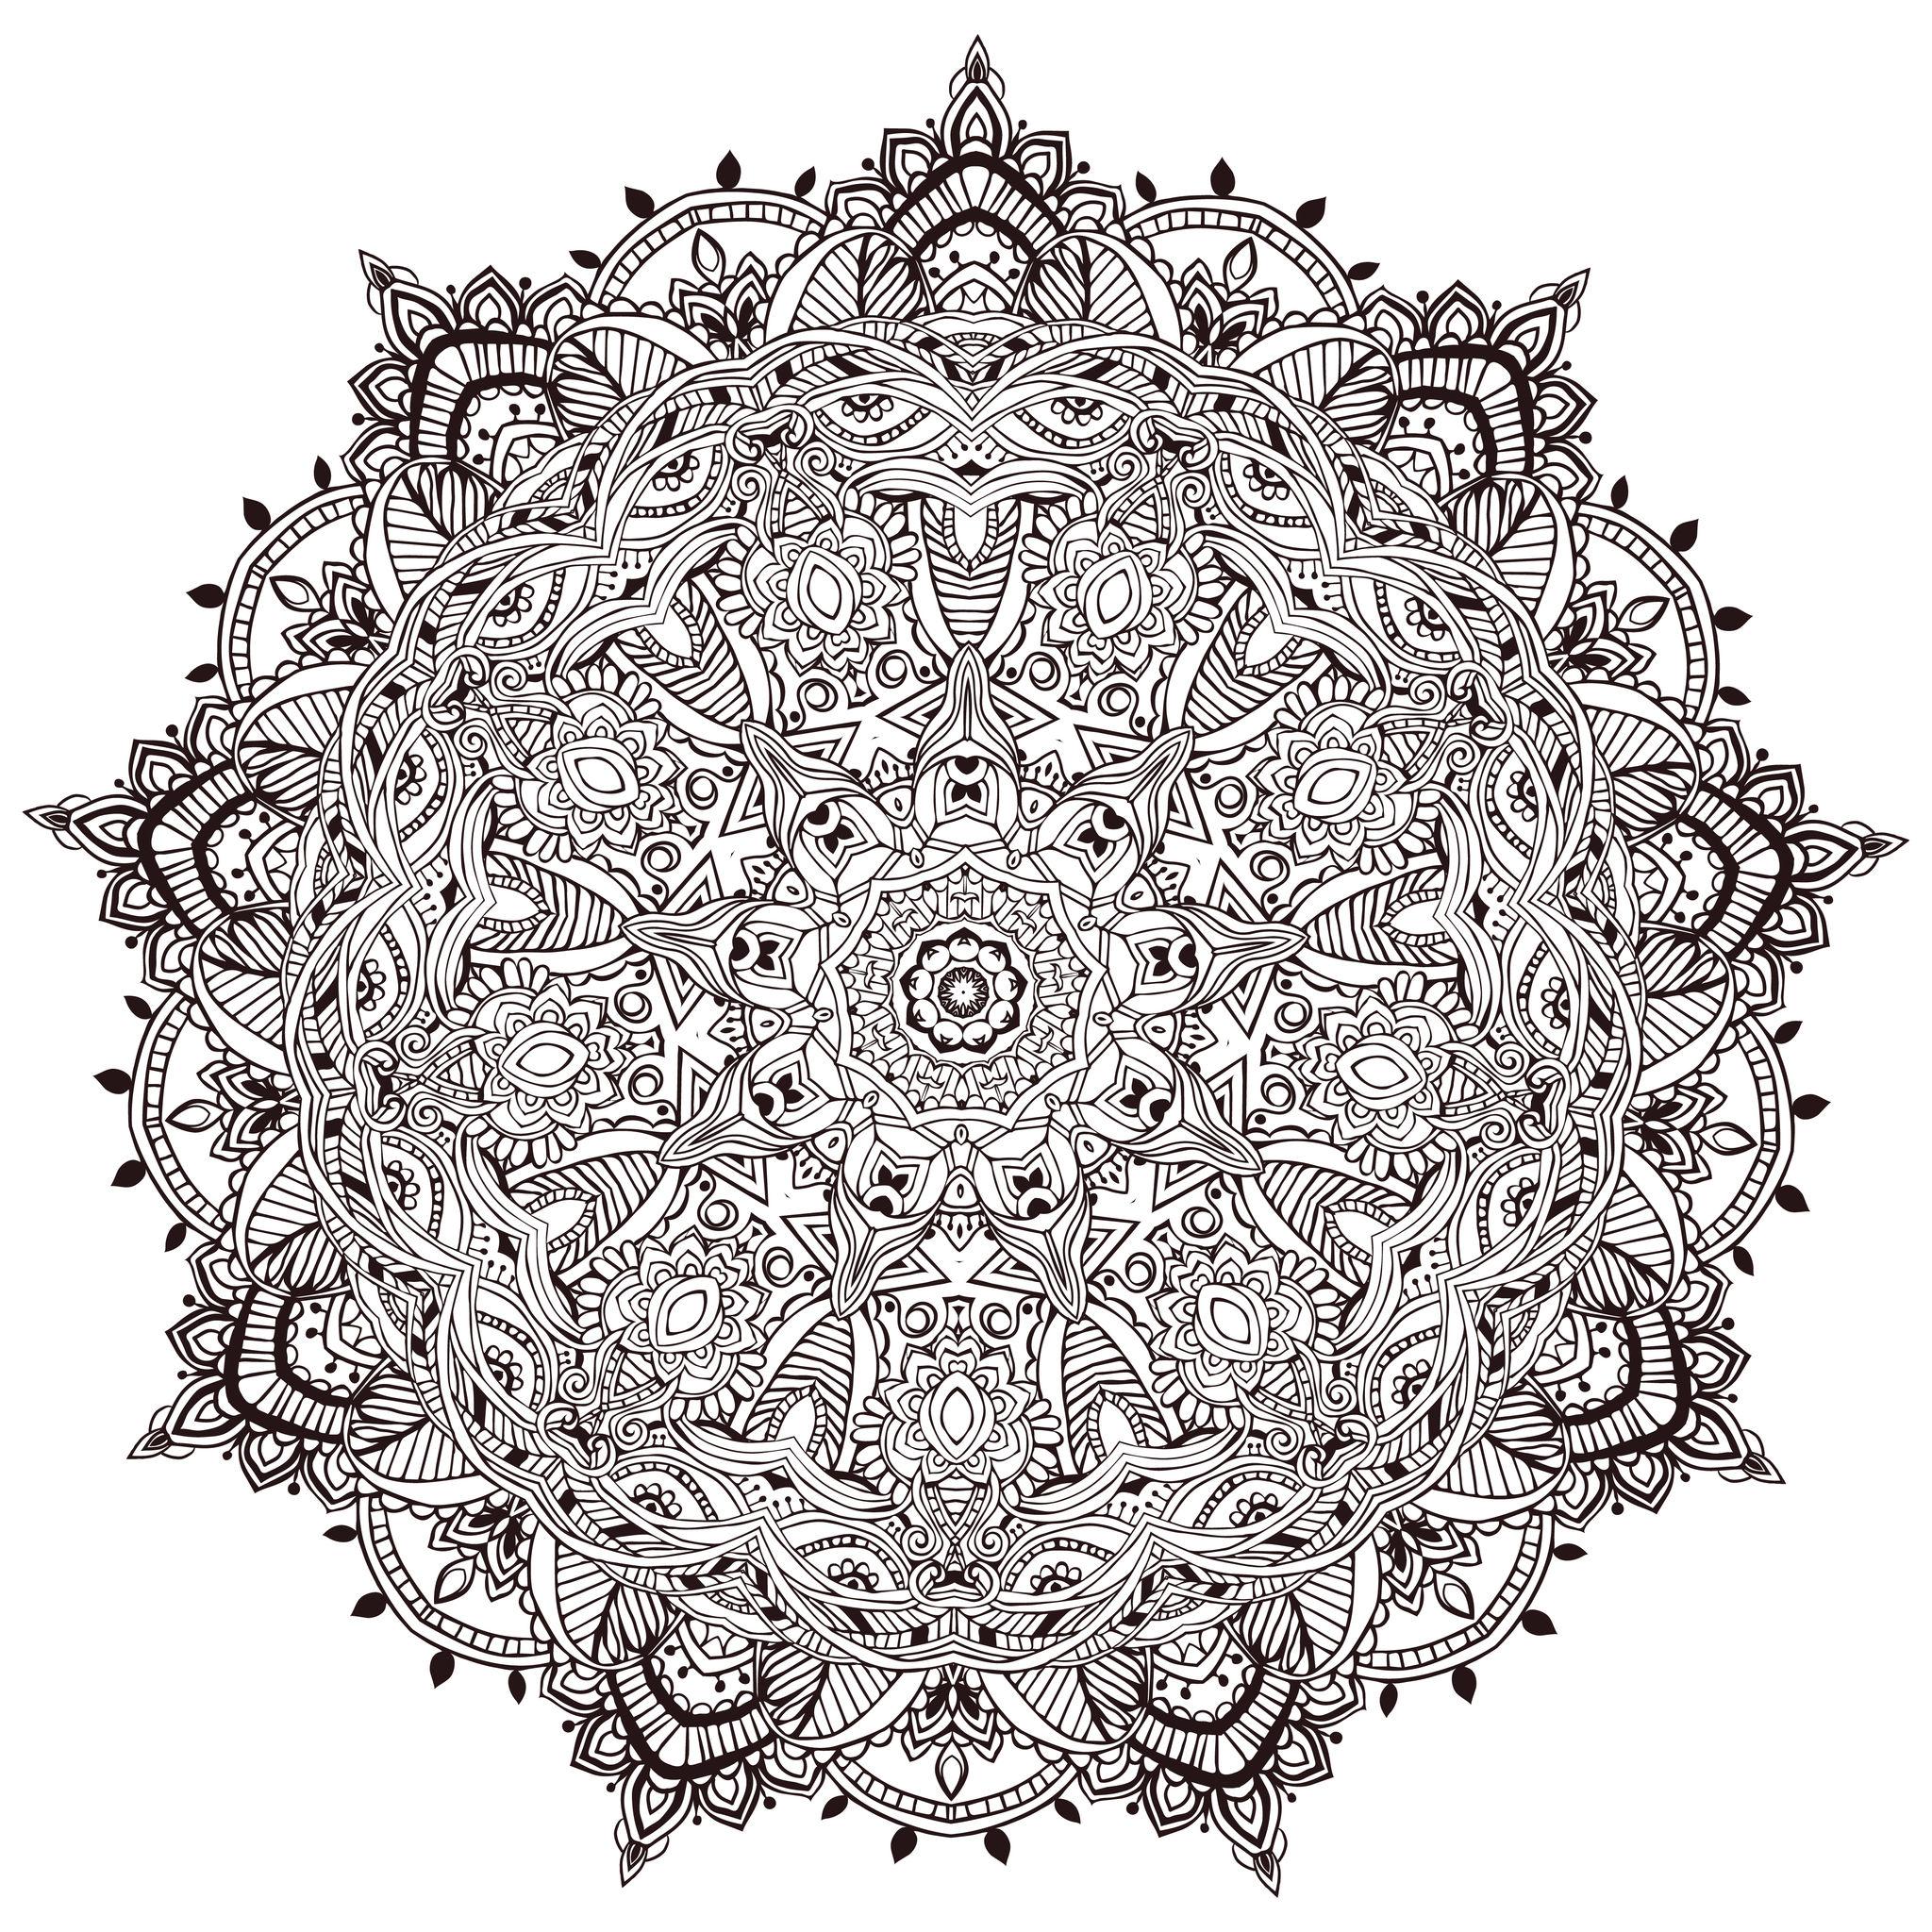 Mandala a colorier tres detaille mandalas coloriages difficiles pour adultes - Mandalas a colorier pour adultes ...